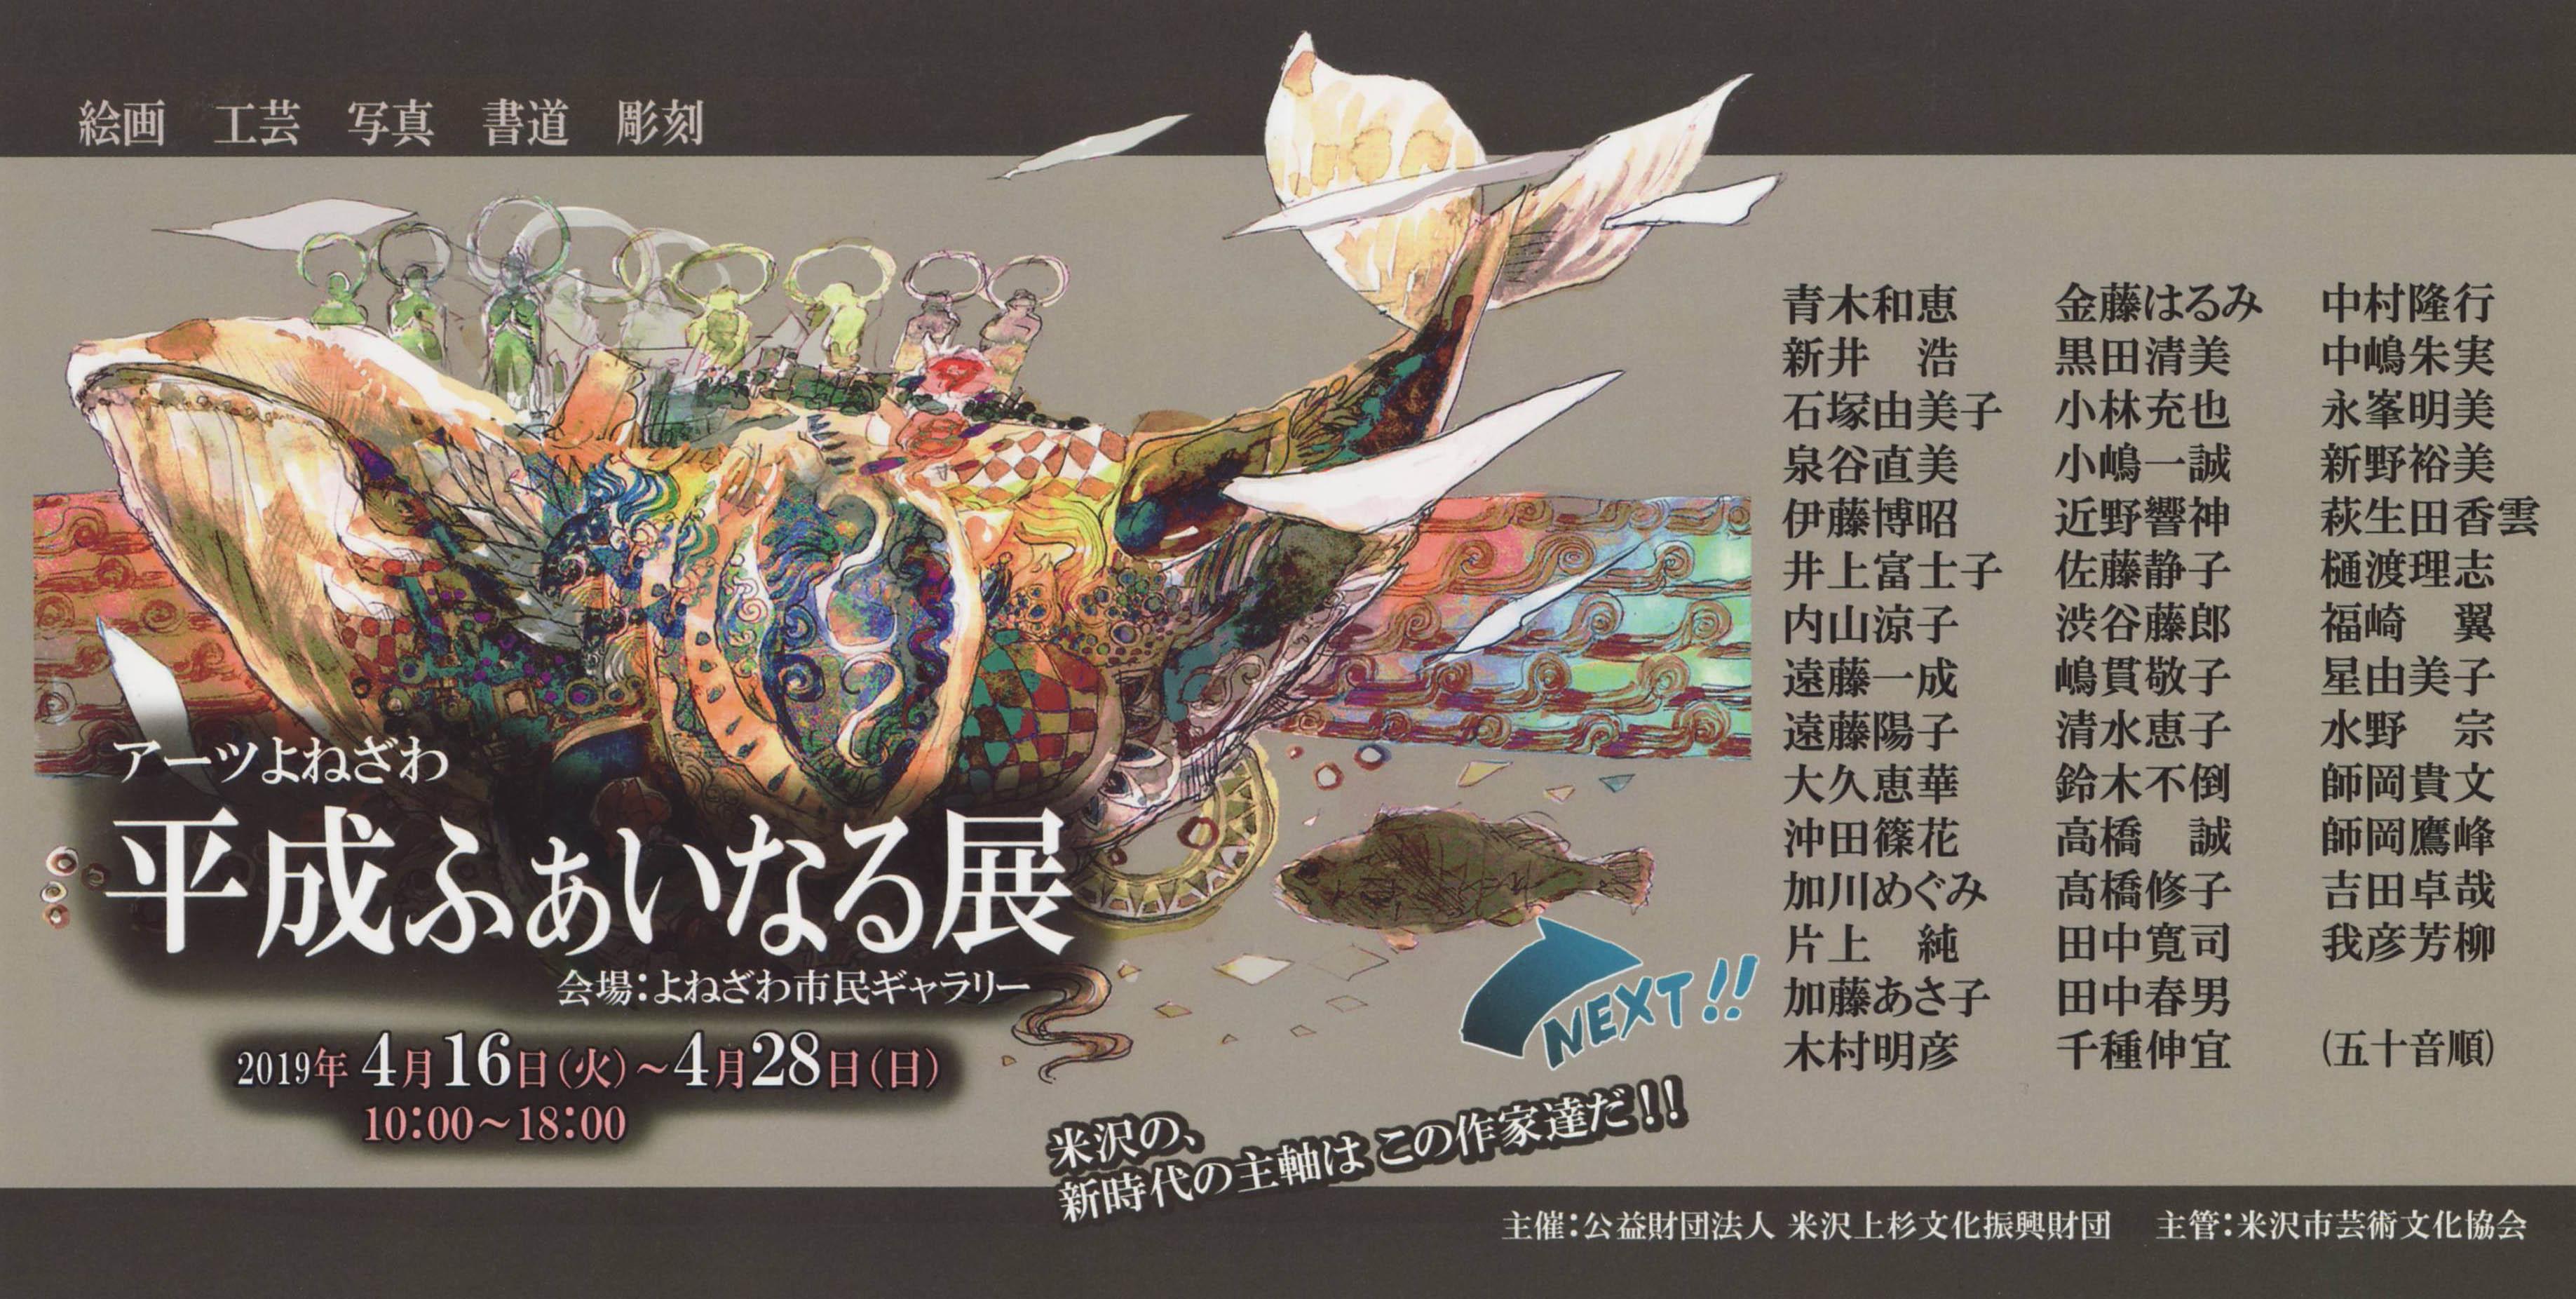 平成ふぁいなる展 4/16〜4/28 なせBA 市民ギャラリーにて開催:画像